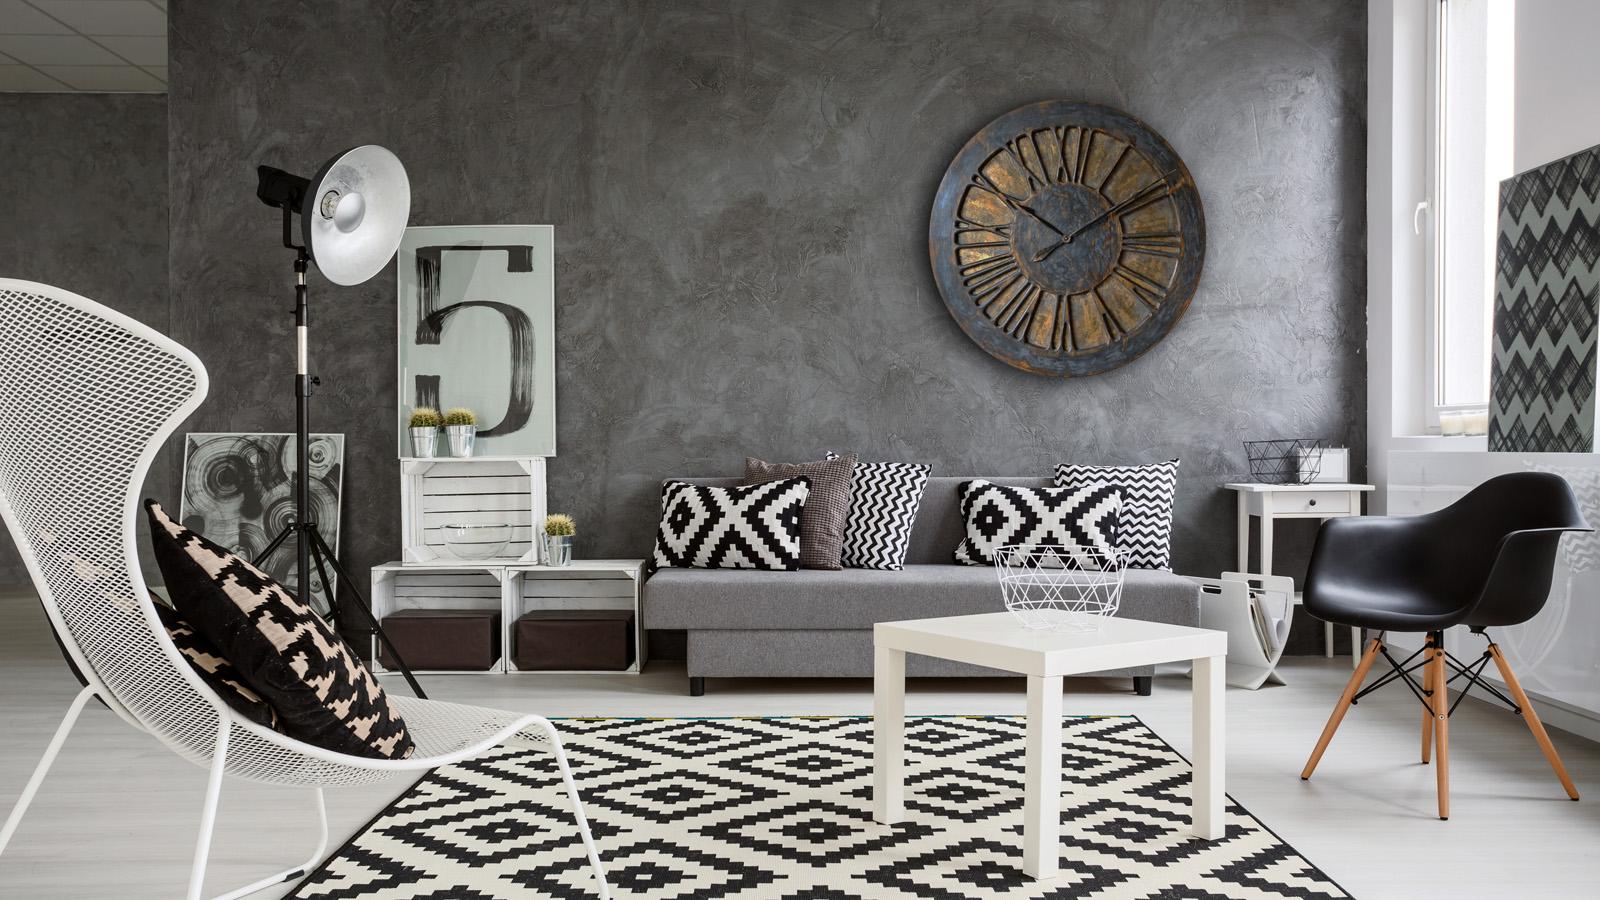 Beautiful Large Decorative Wall Clock interiors